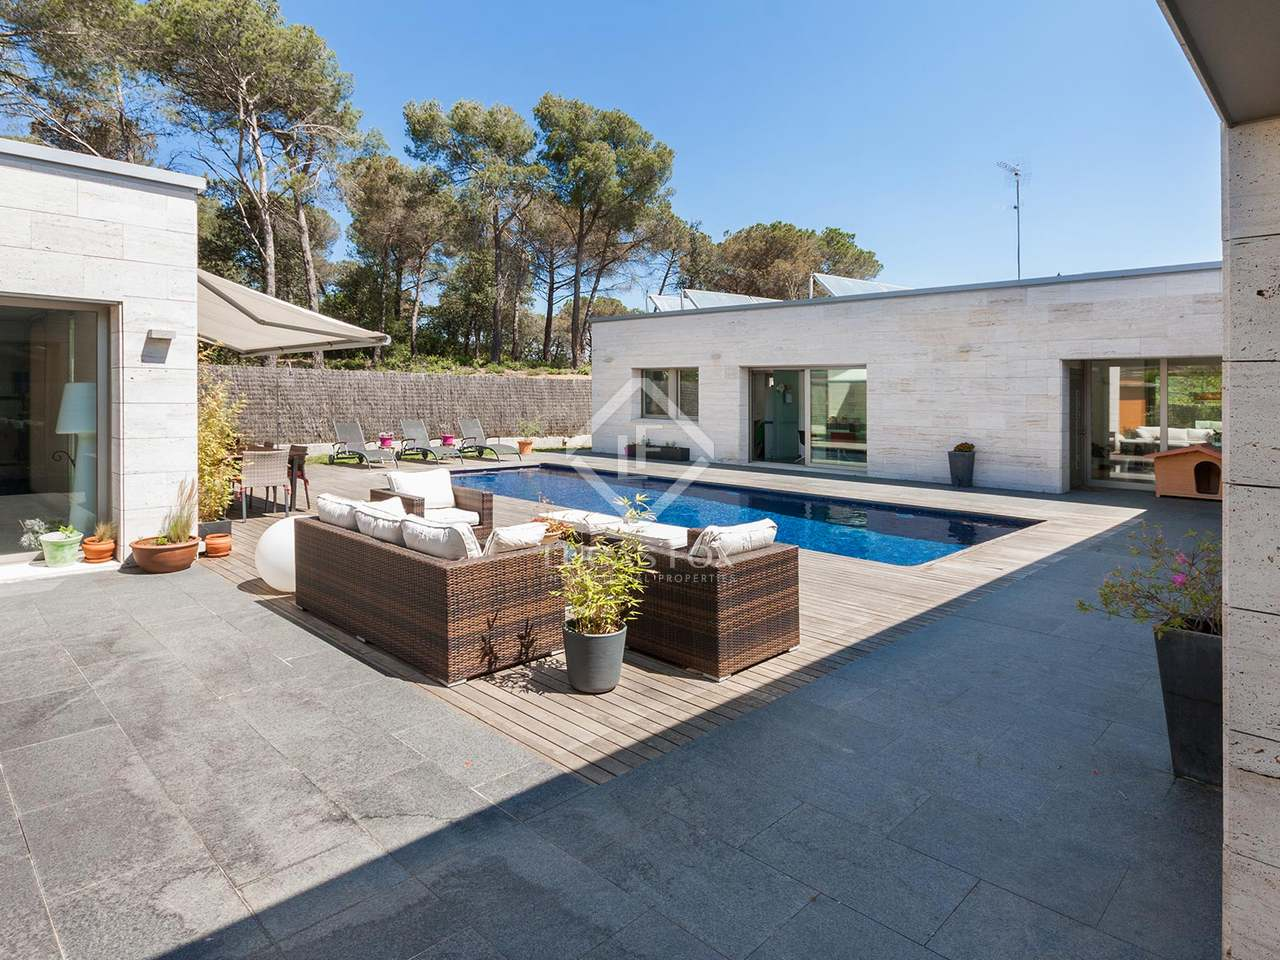 Maison villa de 400m a louer vallromanes avec 1 200m for Location maison avec jardin 34